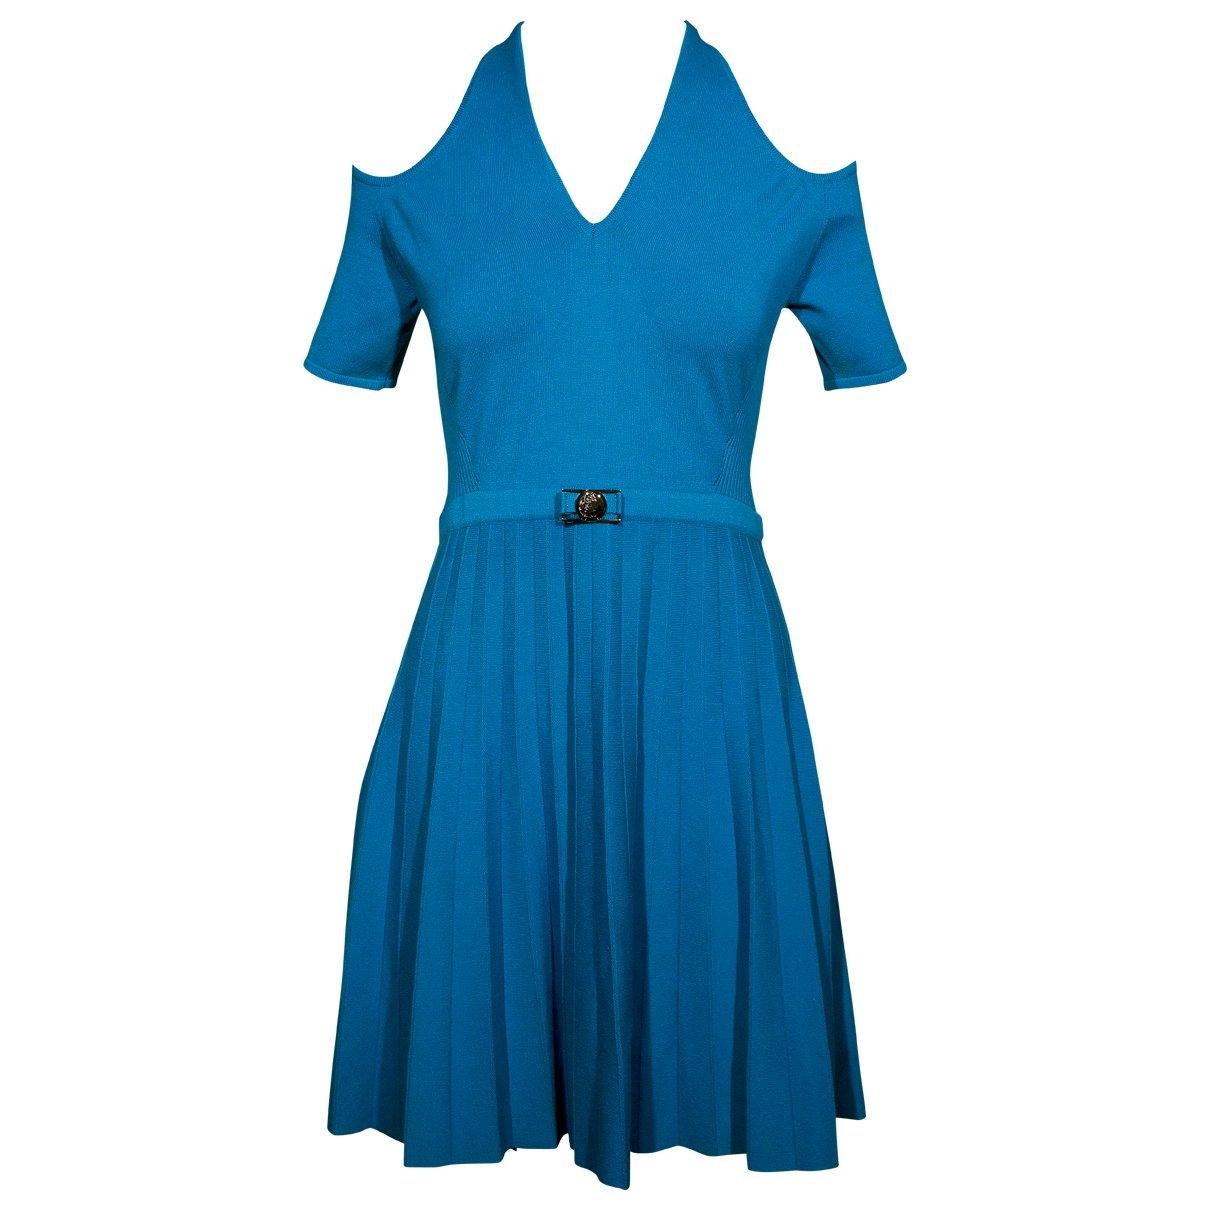 Gianni Versace \N Blue dress for Women 46 IT